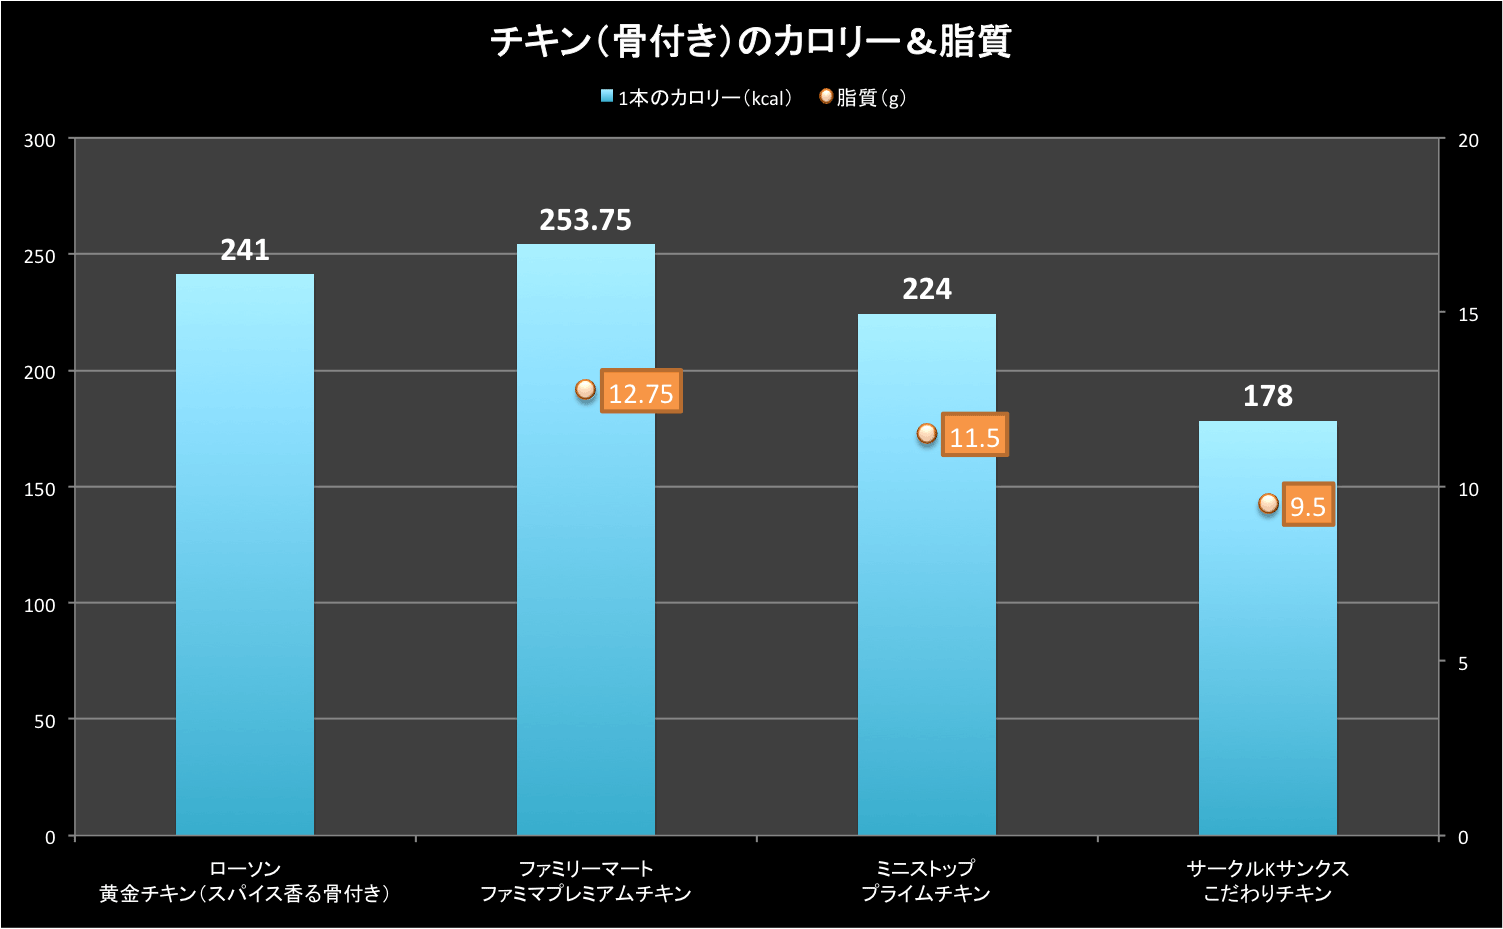 data_chicken_1_04